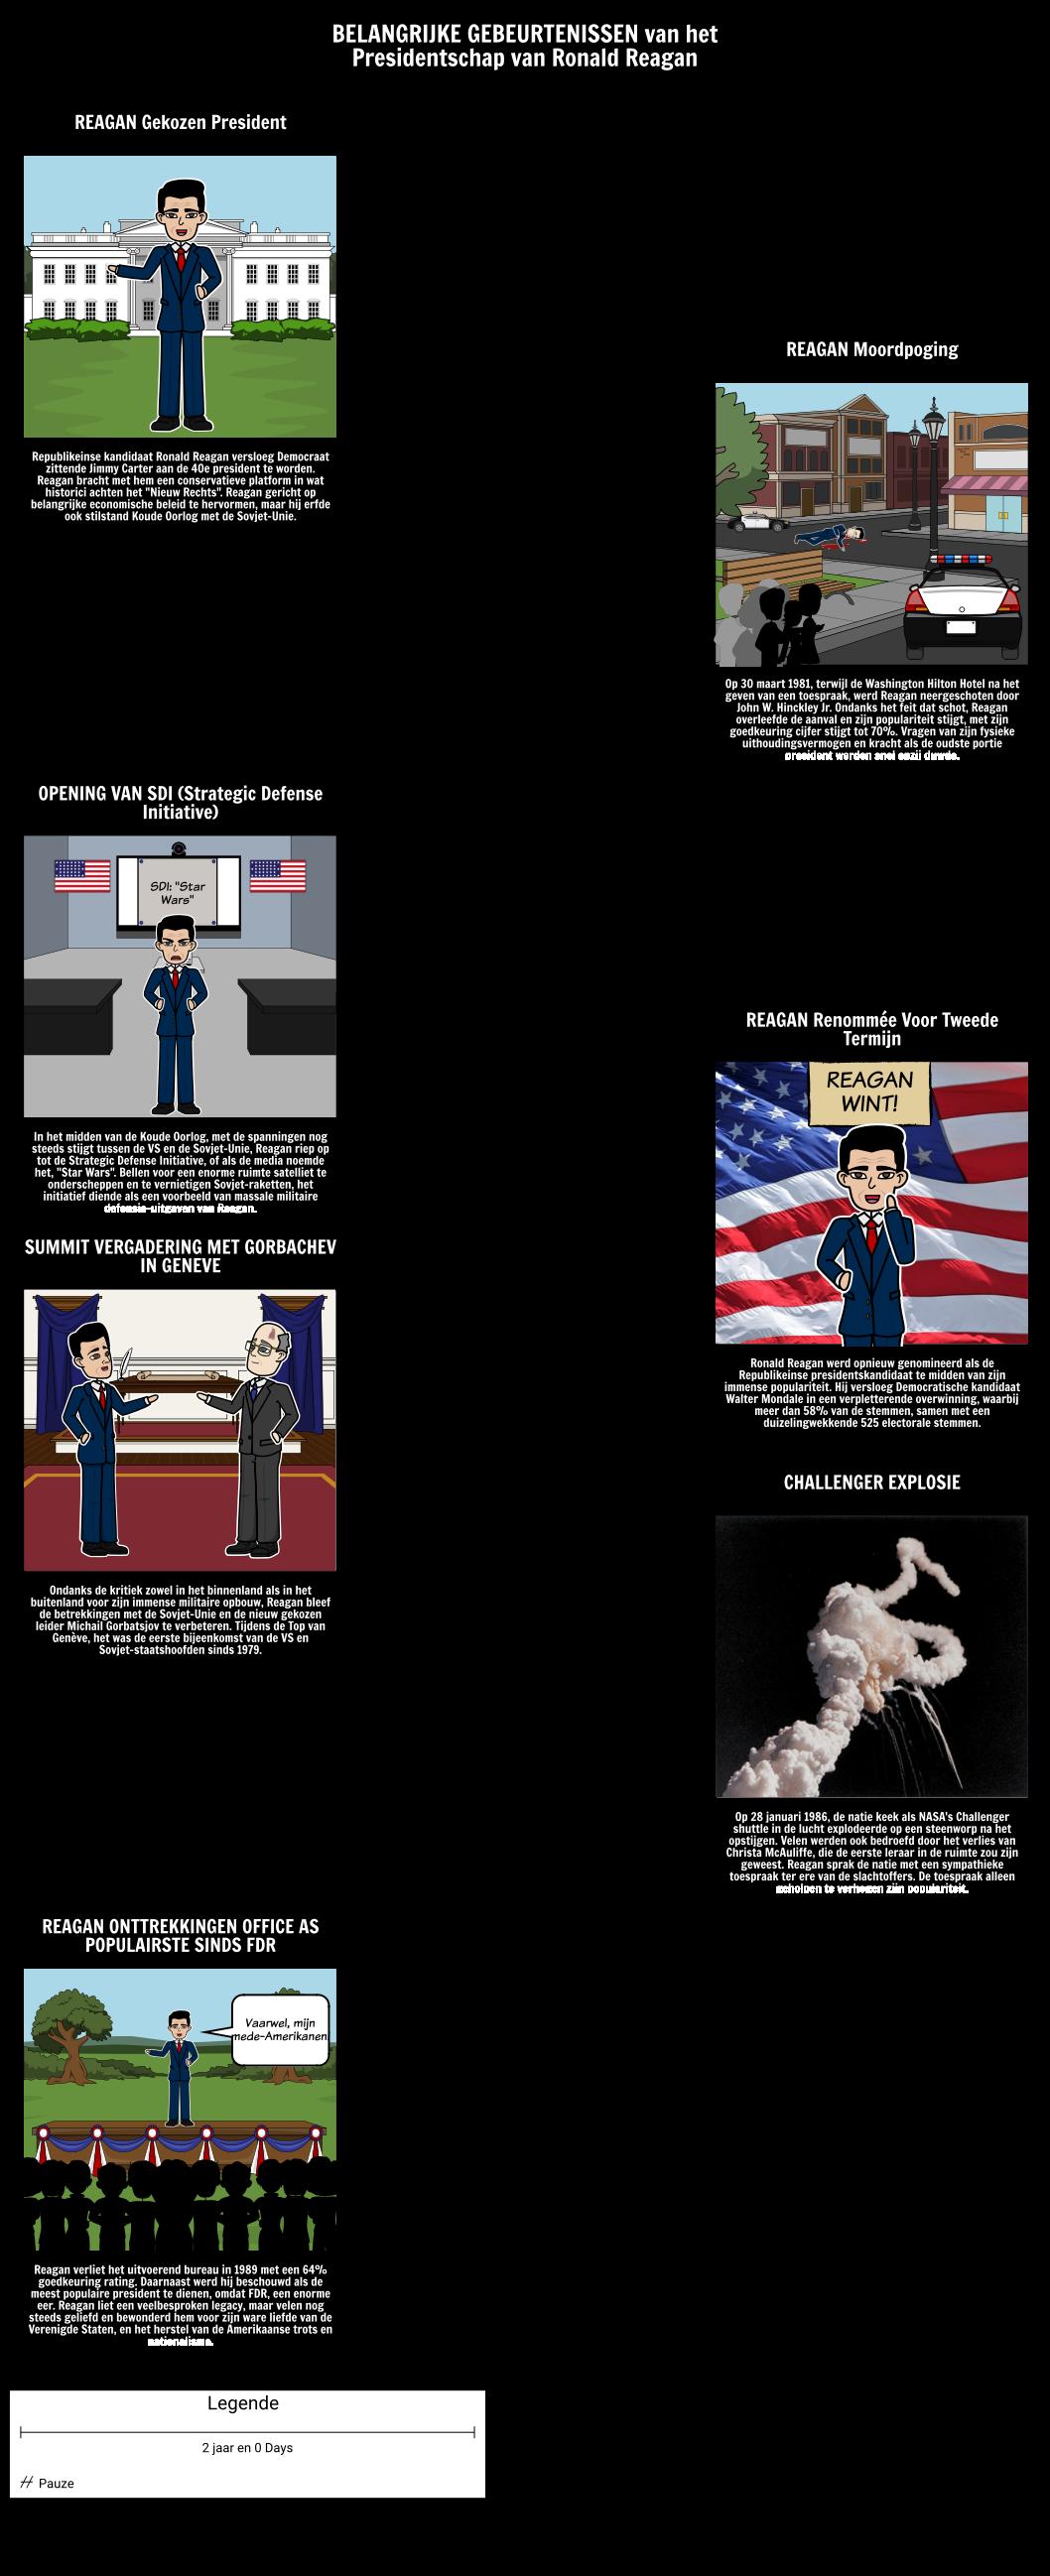 Reagan Timeline Voorzitterschap